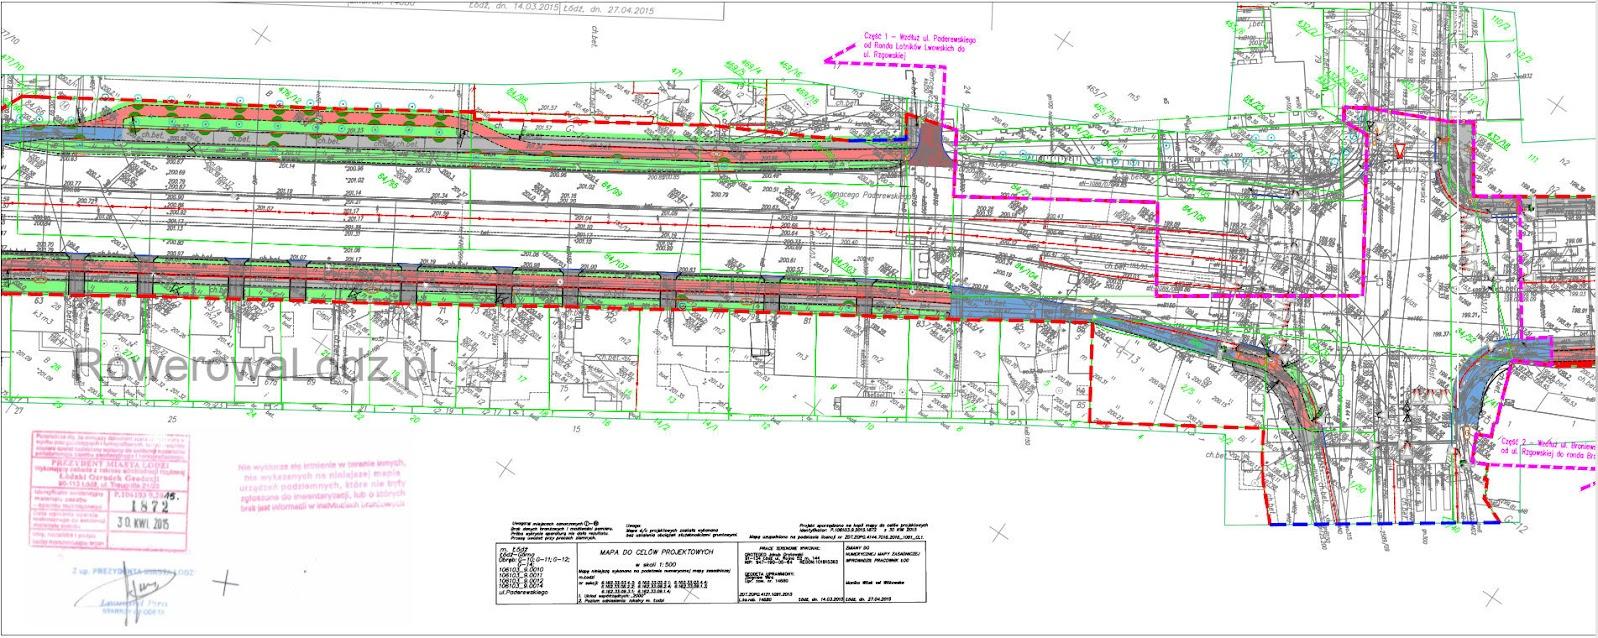 Skrzyżowanie z ul. Rzgowską. Po północnej stronie brakujący fragment przebiegałby po terenach prywatnych - wedle zapewnień dobudowane będzie wraz z przebudową skrzyżowania.